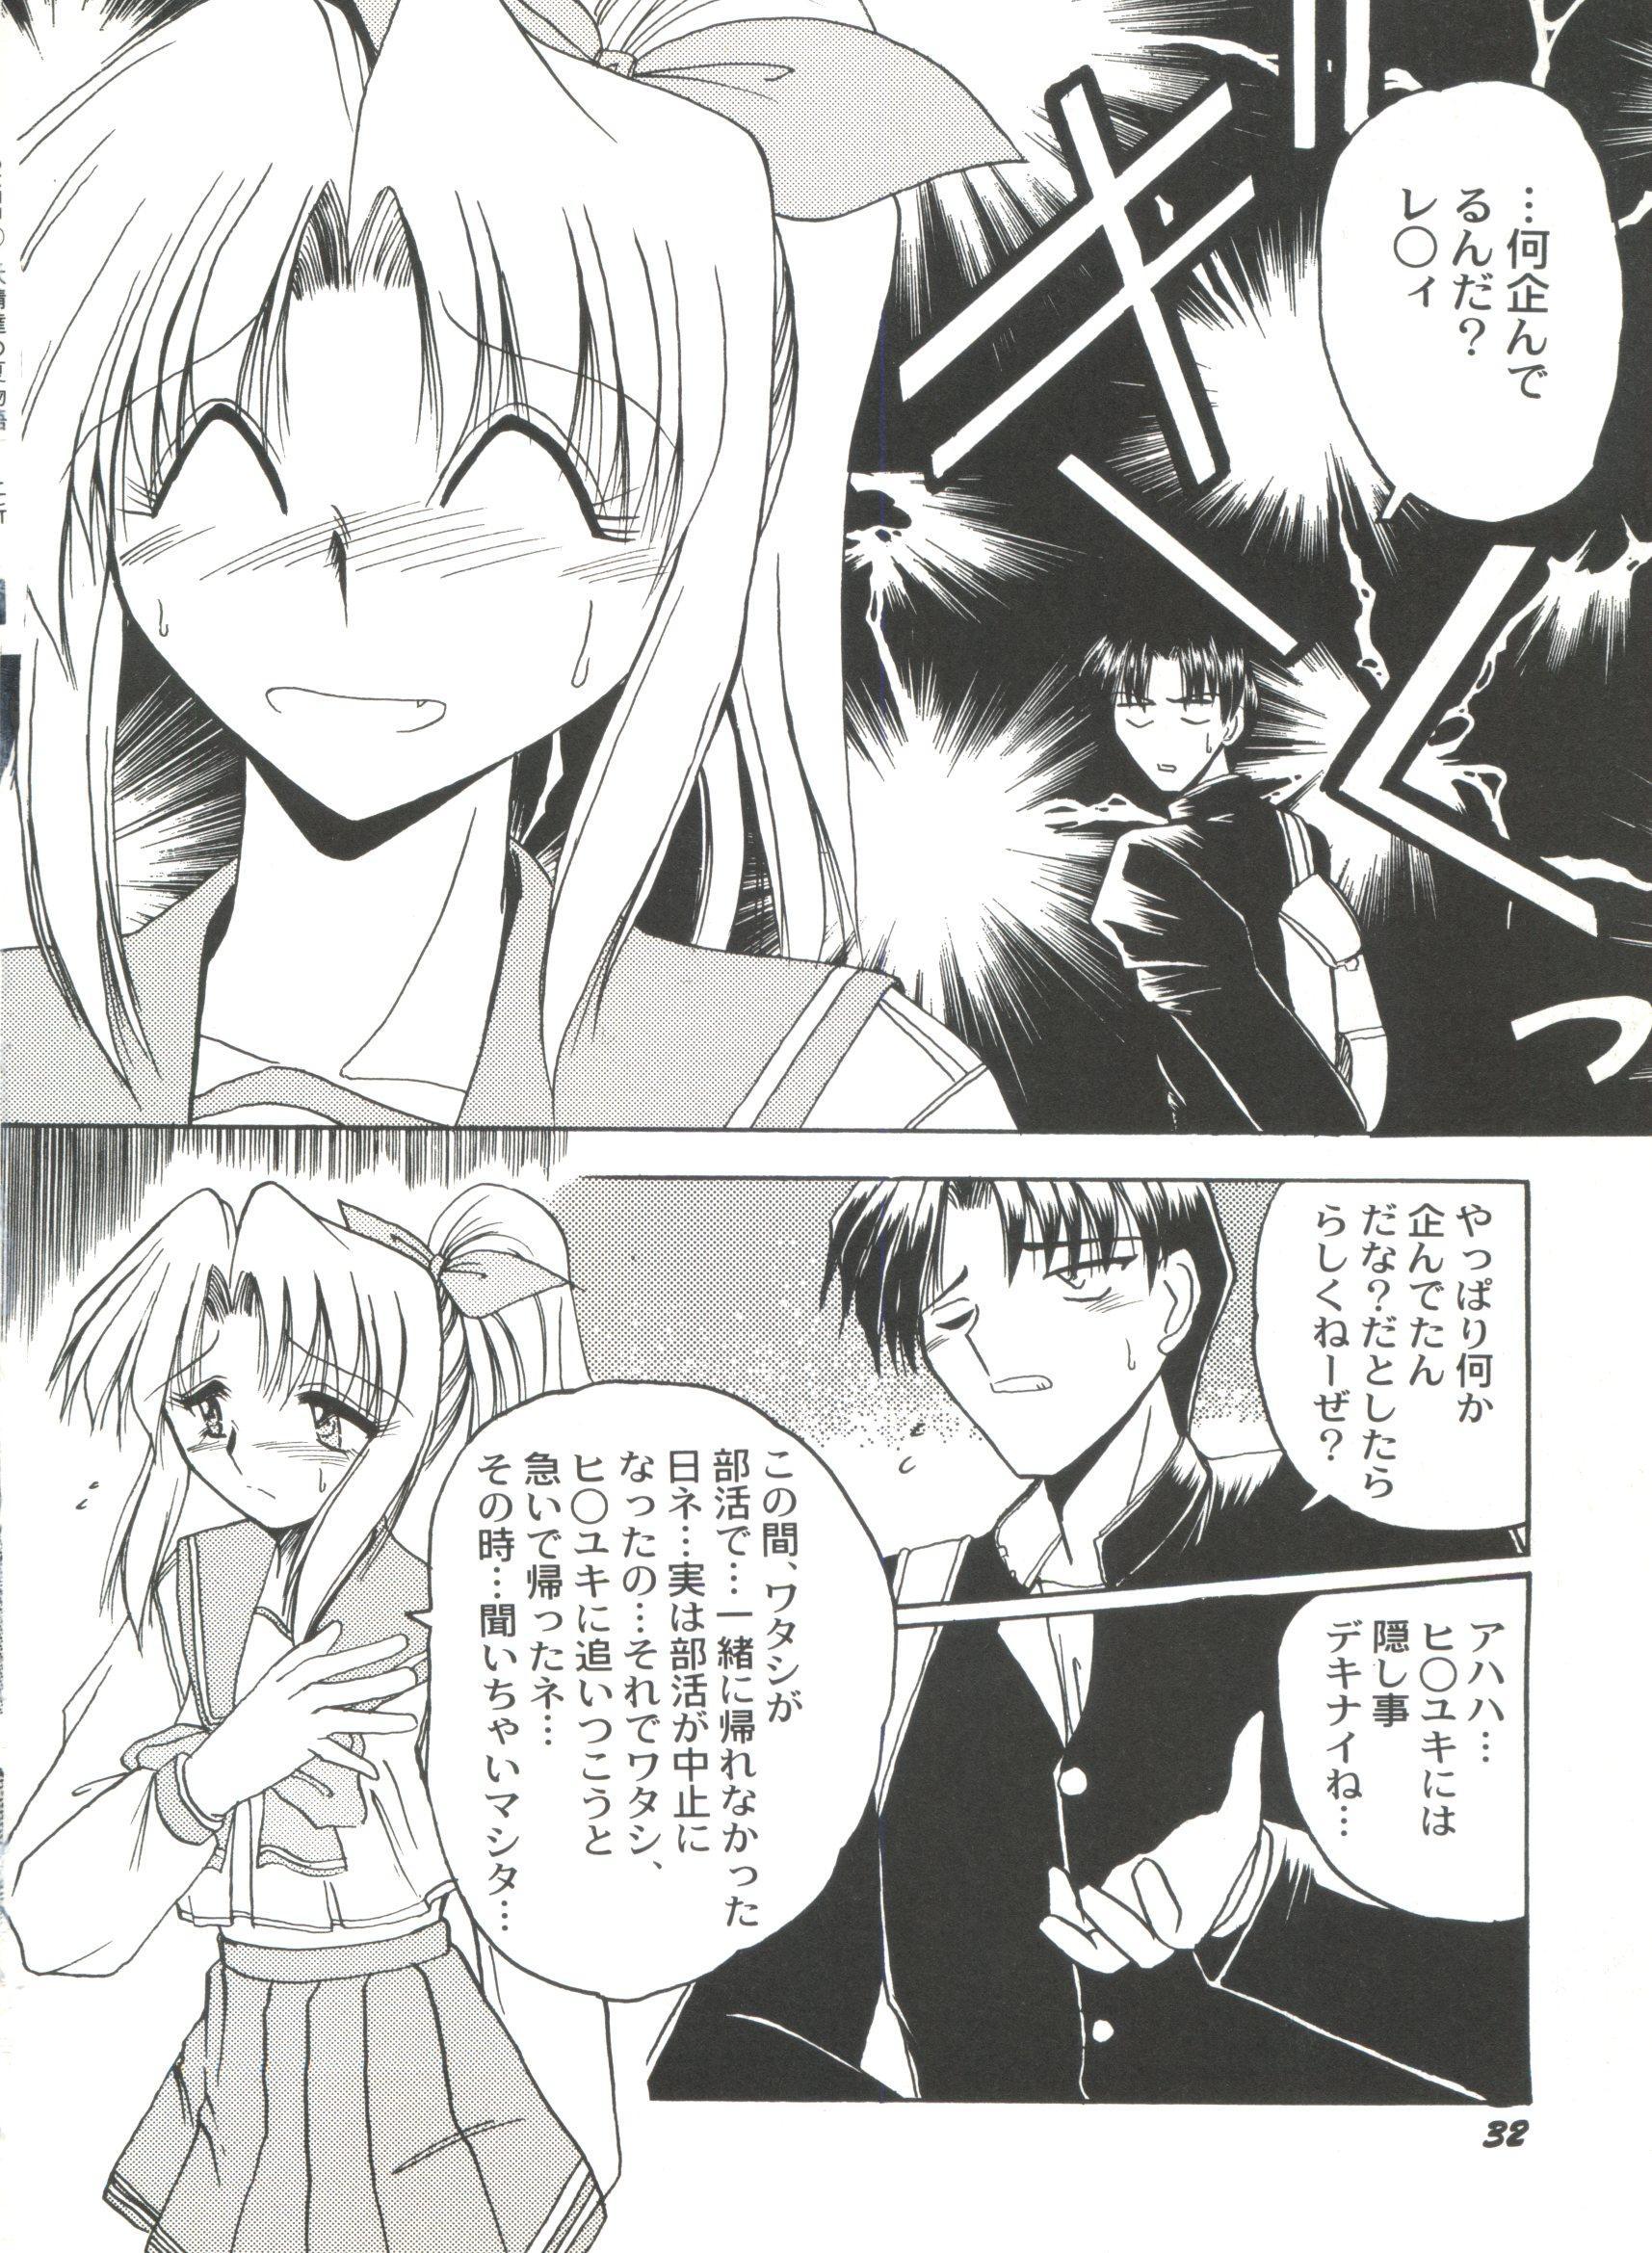 Bishoujo Doujinshi Anthology Cute 4 33